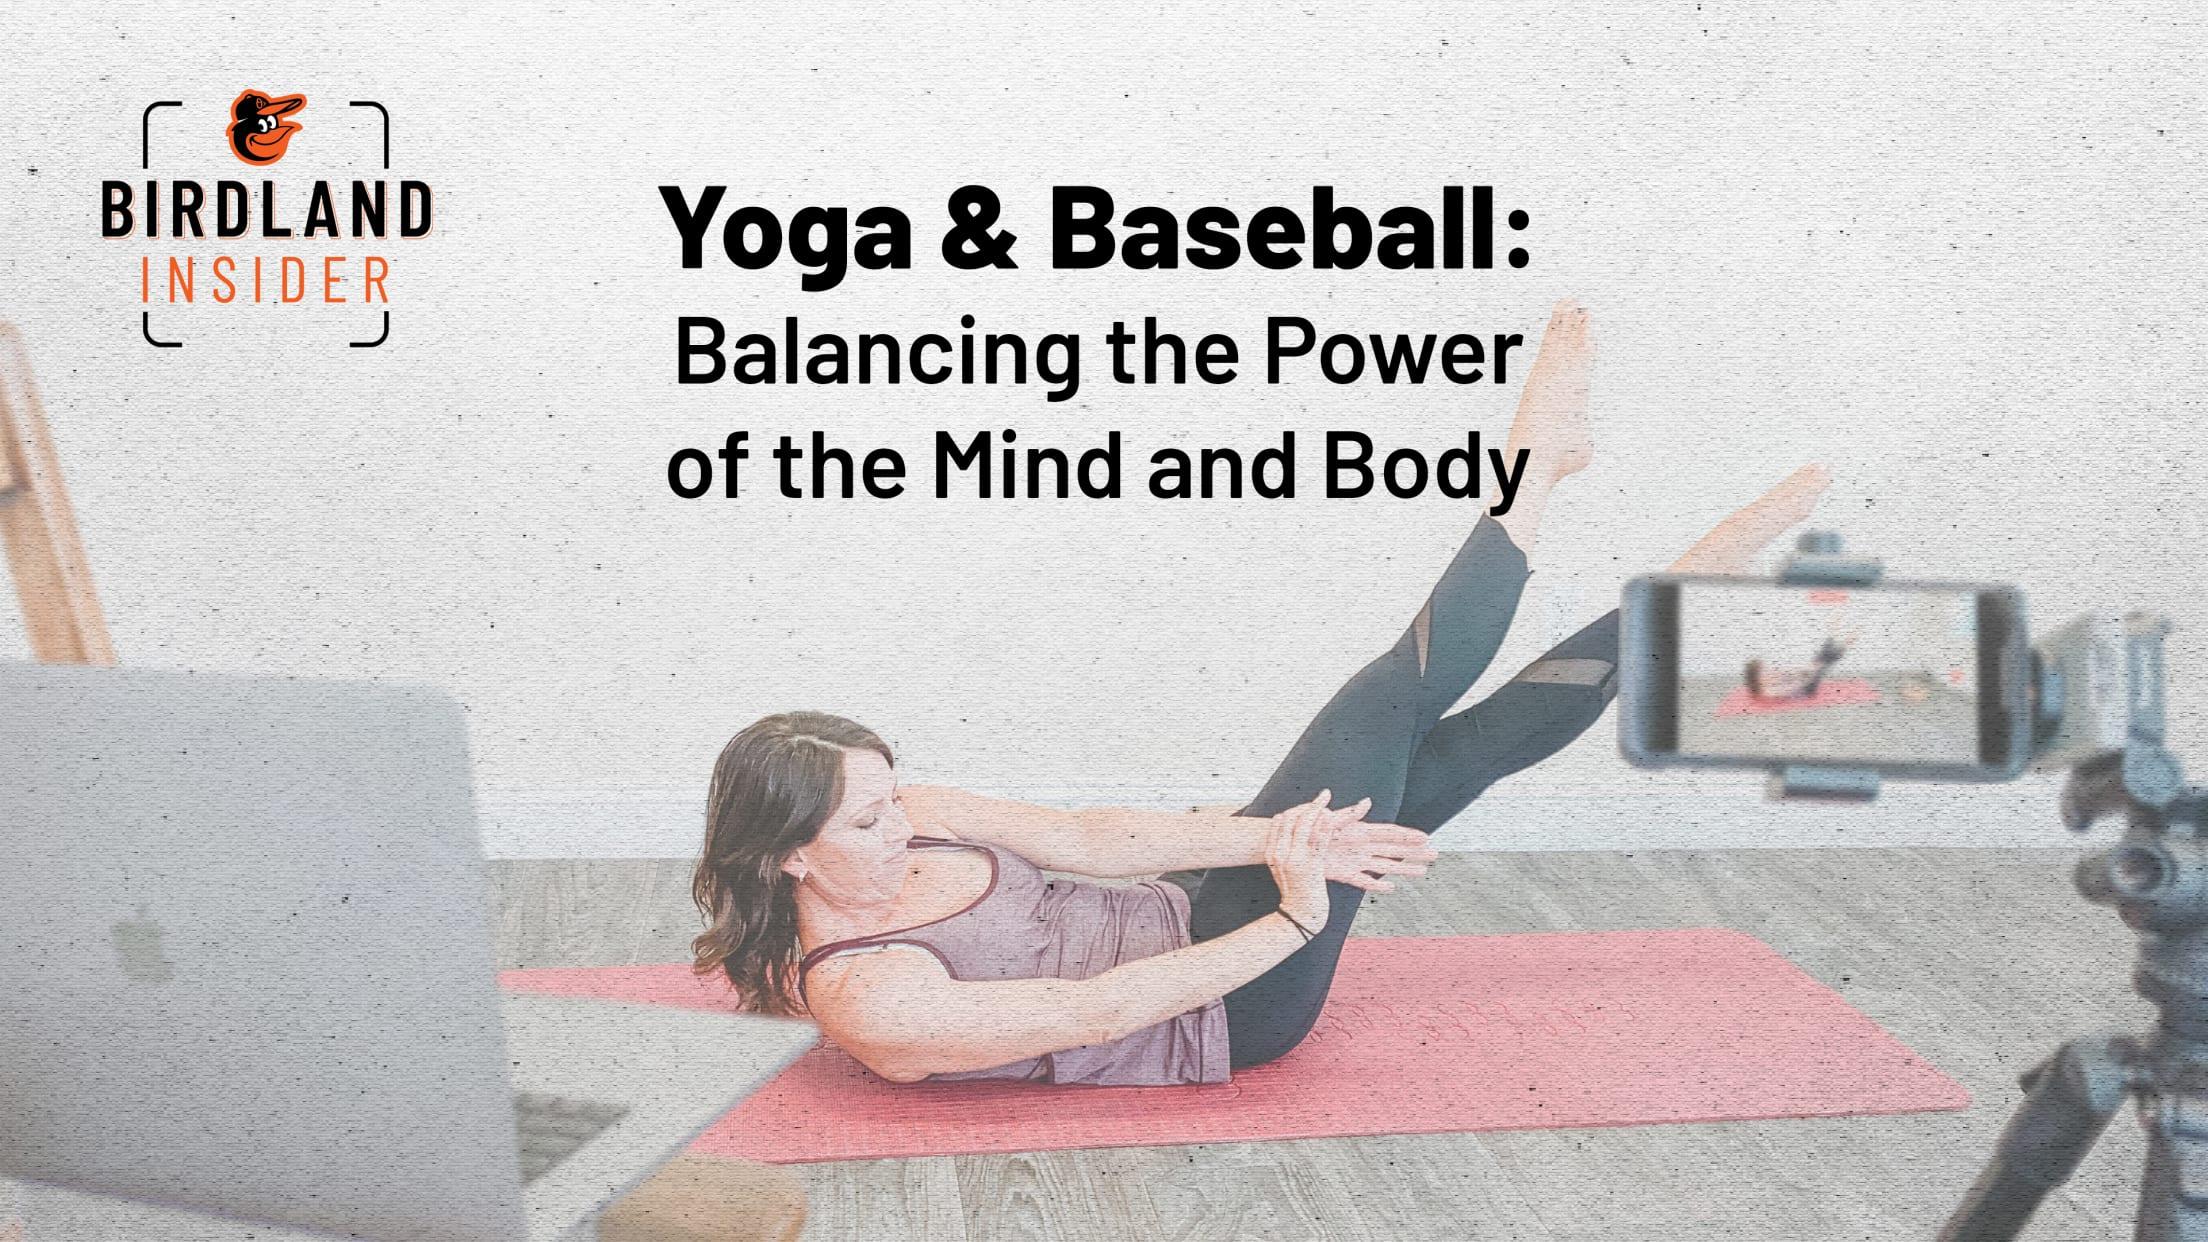 bal-yoga-and-baseball-header